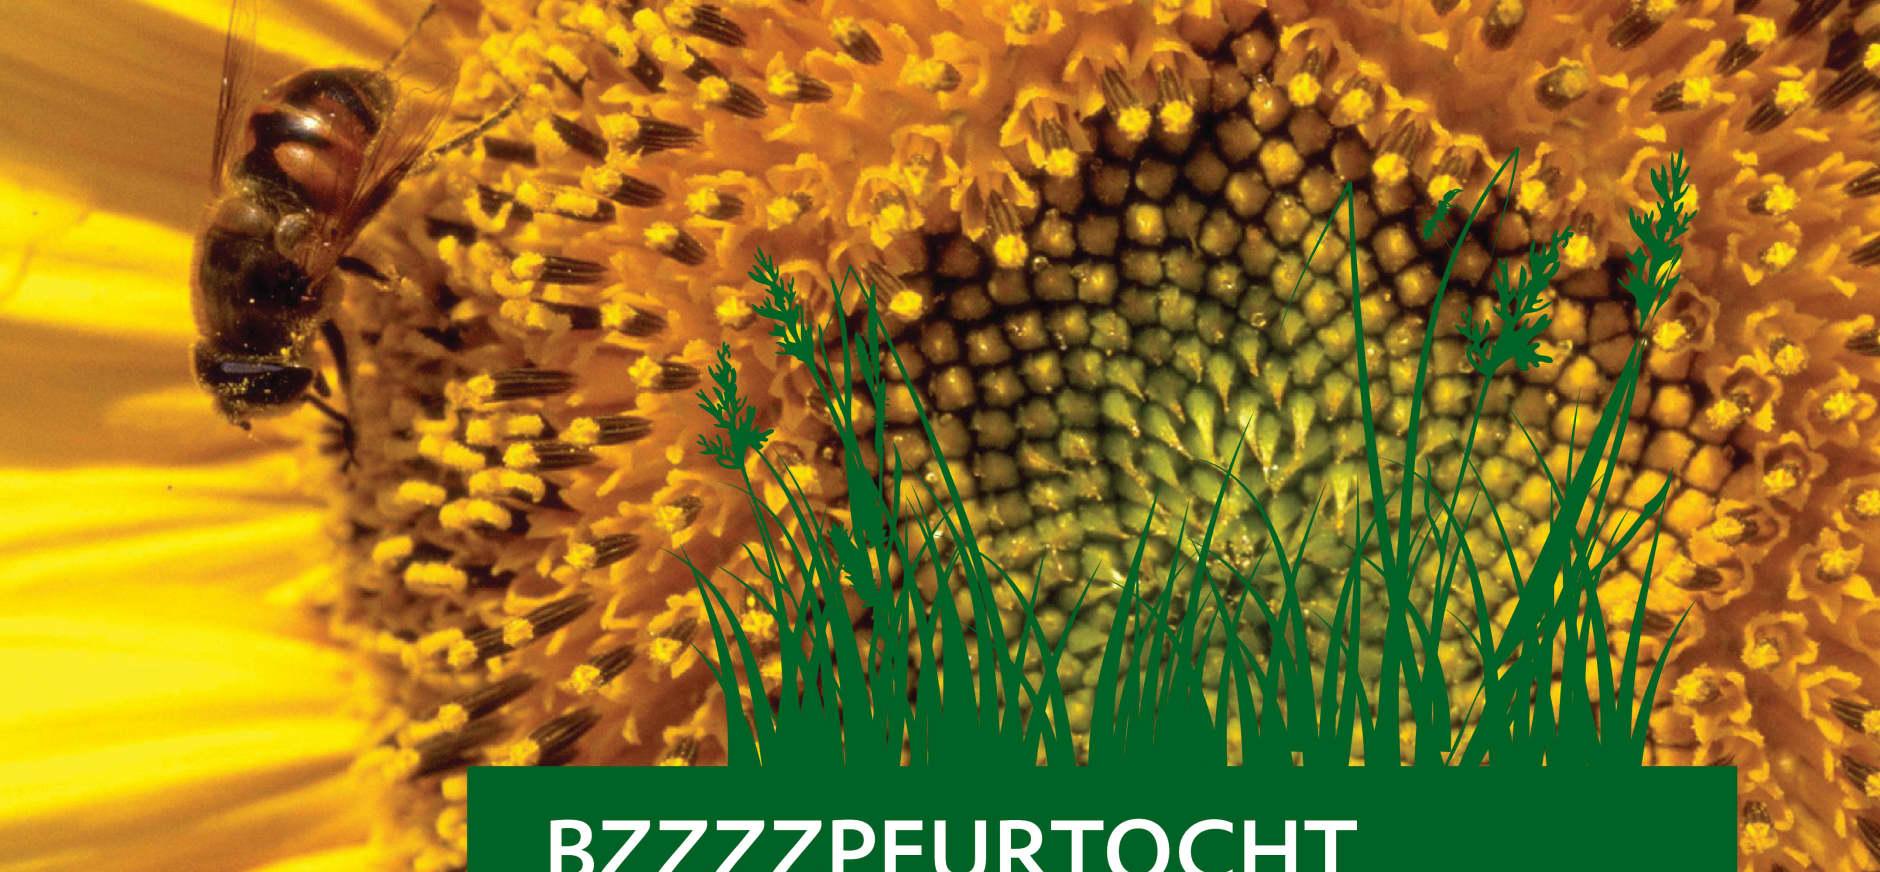 Bzzzzpeurtocht Brunssummerheide